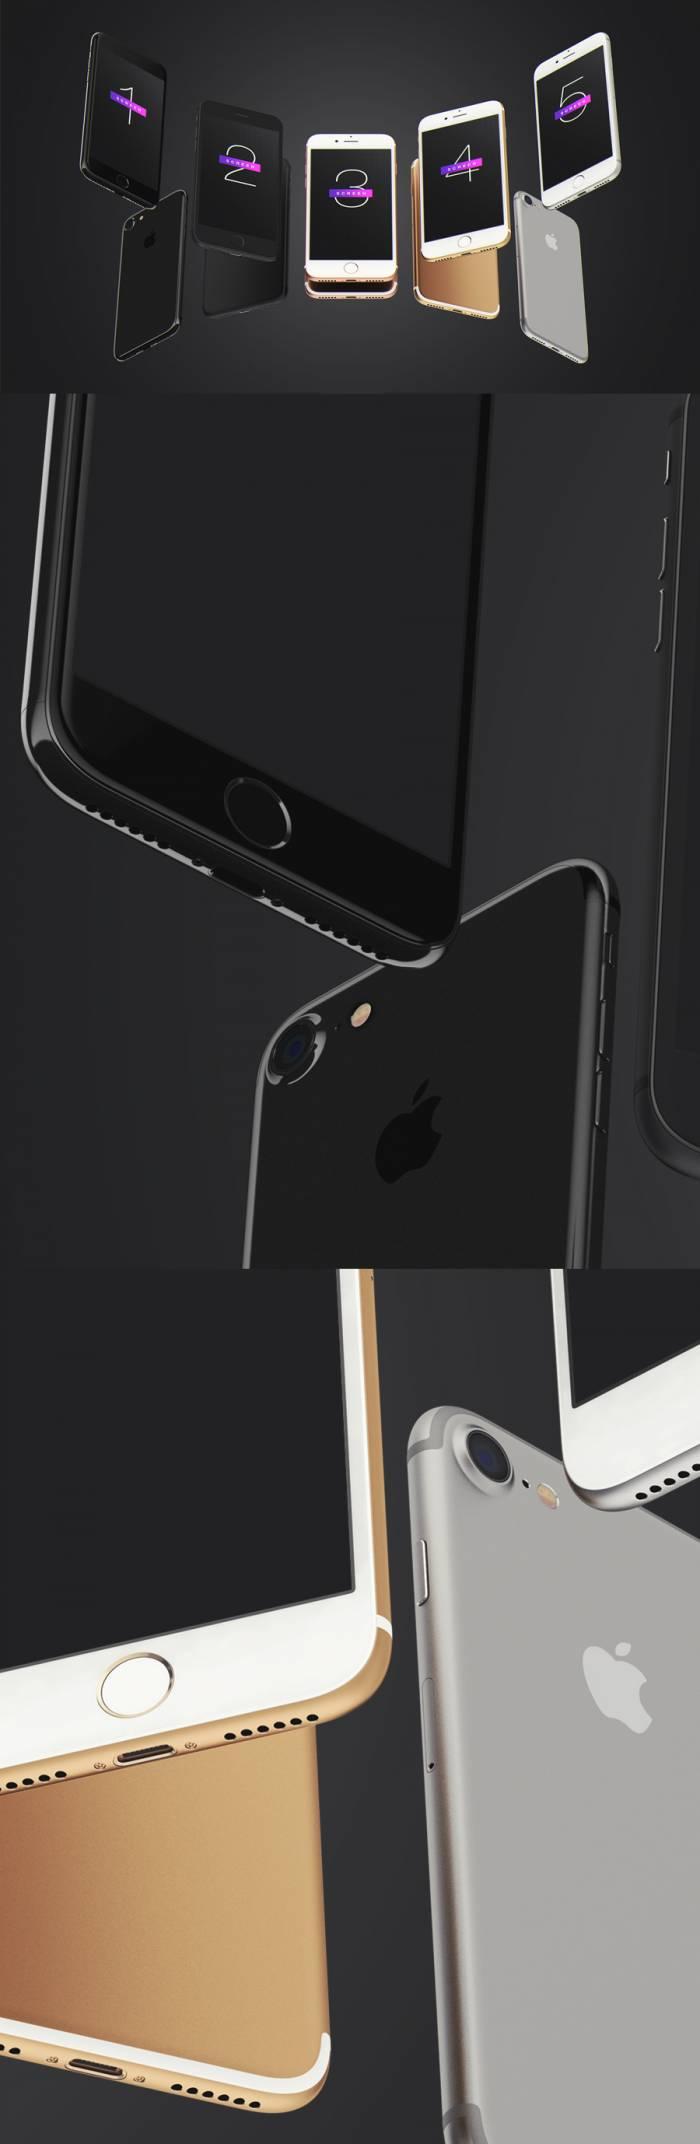 iPhone 7 UI Mockup (.Psd) скачать бесплатно